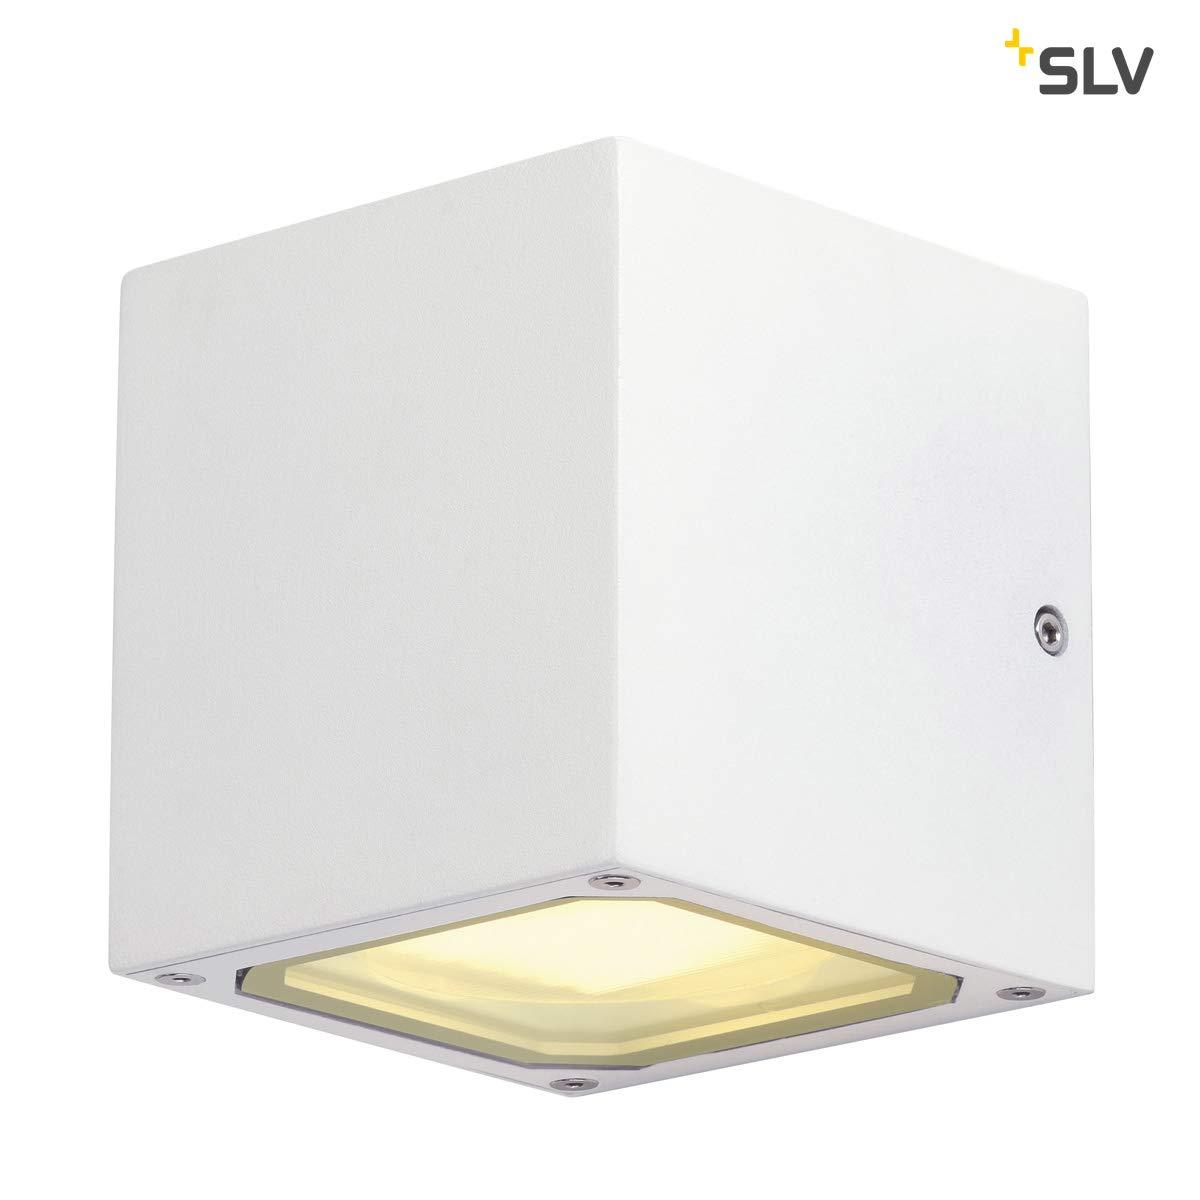 SLV Wandlampe SITRA CUBE fü r die effektvolle Auß enbeleuchtung von Hauseingang, Wä nden, Wegen, Terrassen, Fassaden, Treppen | LED Wandleuchte, Aussenleuchte, Gartenlampe | 2x GX53, max. 9W, B - A++ 232531